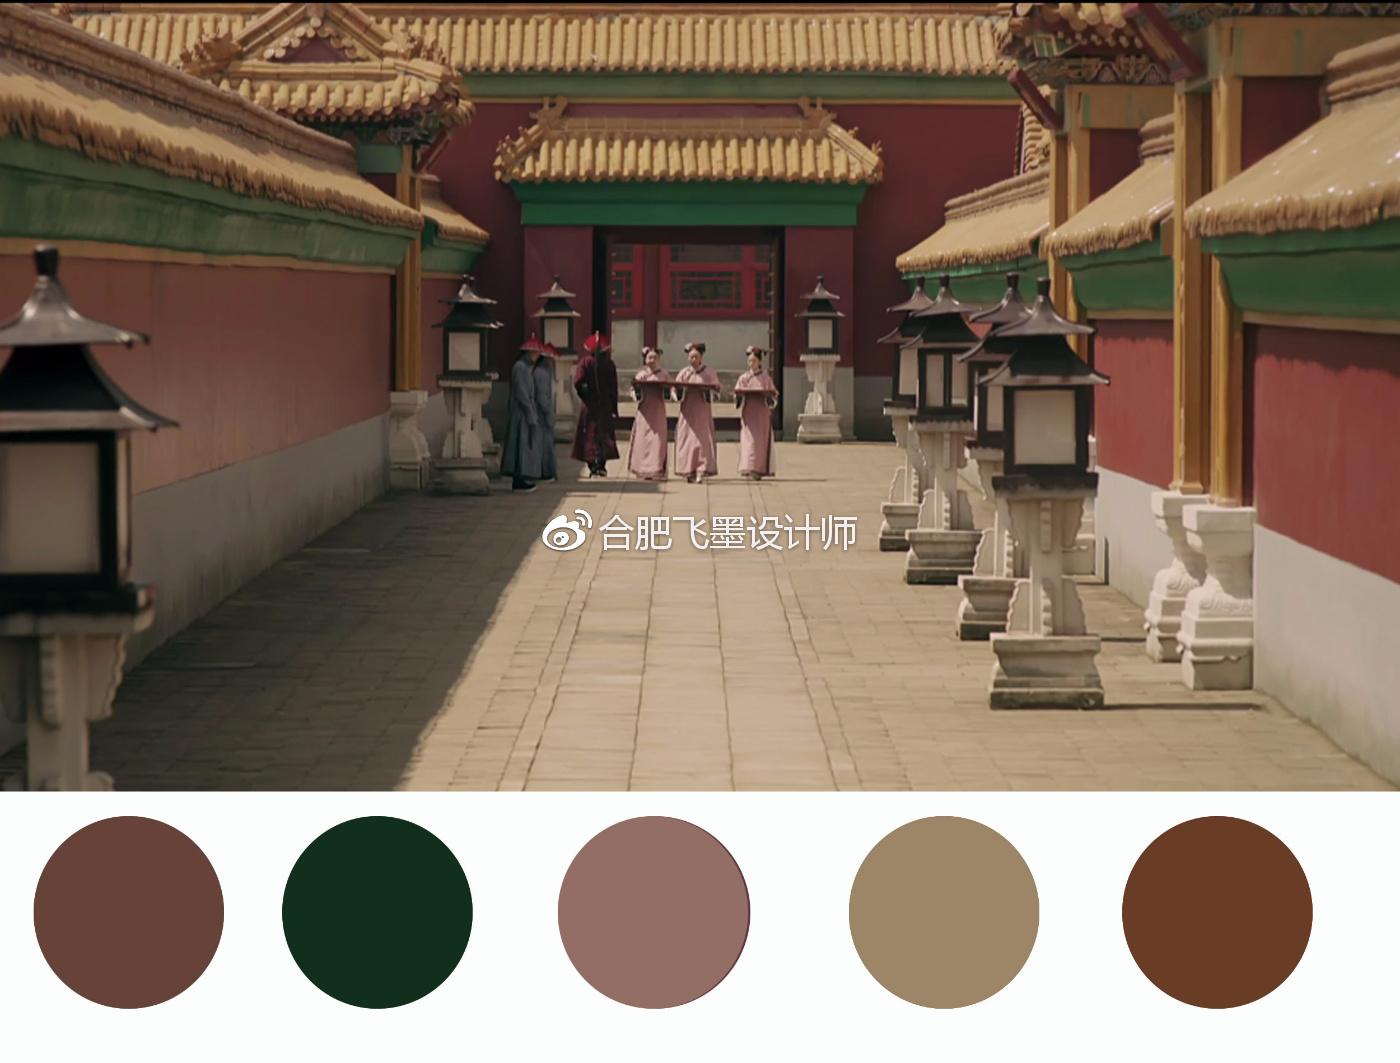 延禧攻略莫兰迪攻略让人沦陷,其实还有惊人的自助游3天去丽江旅游色调图片